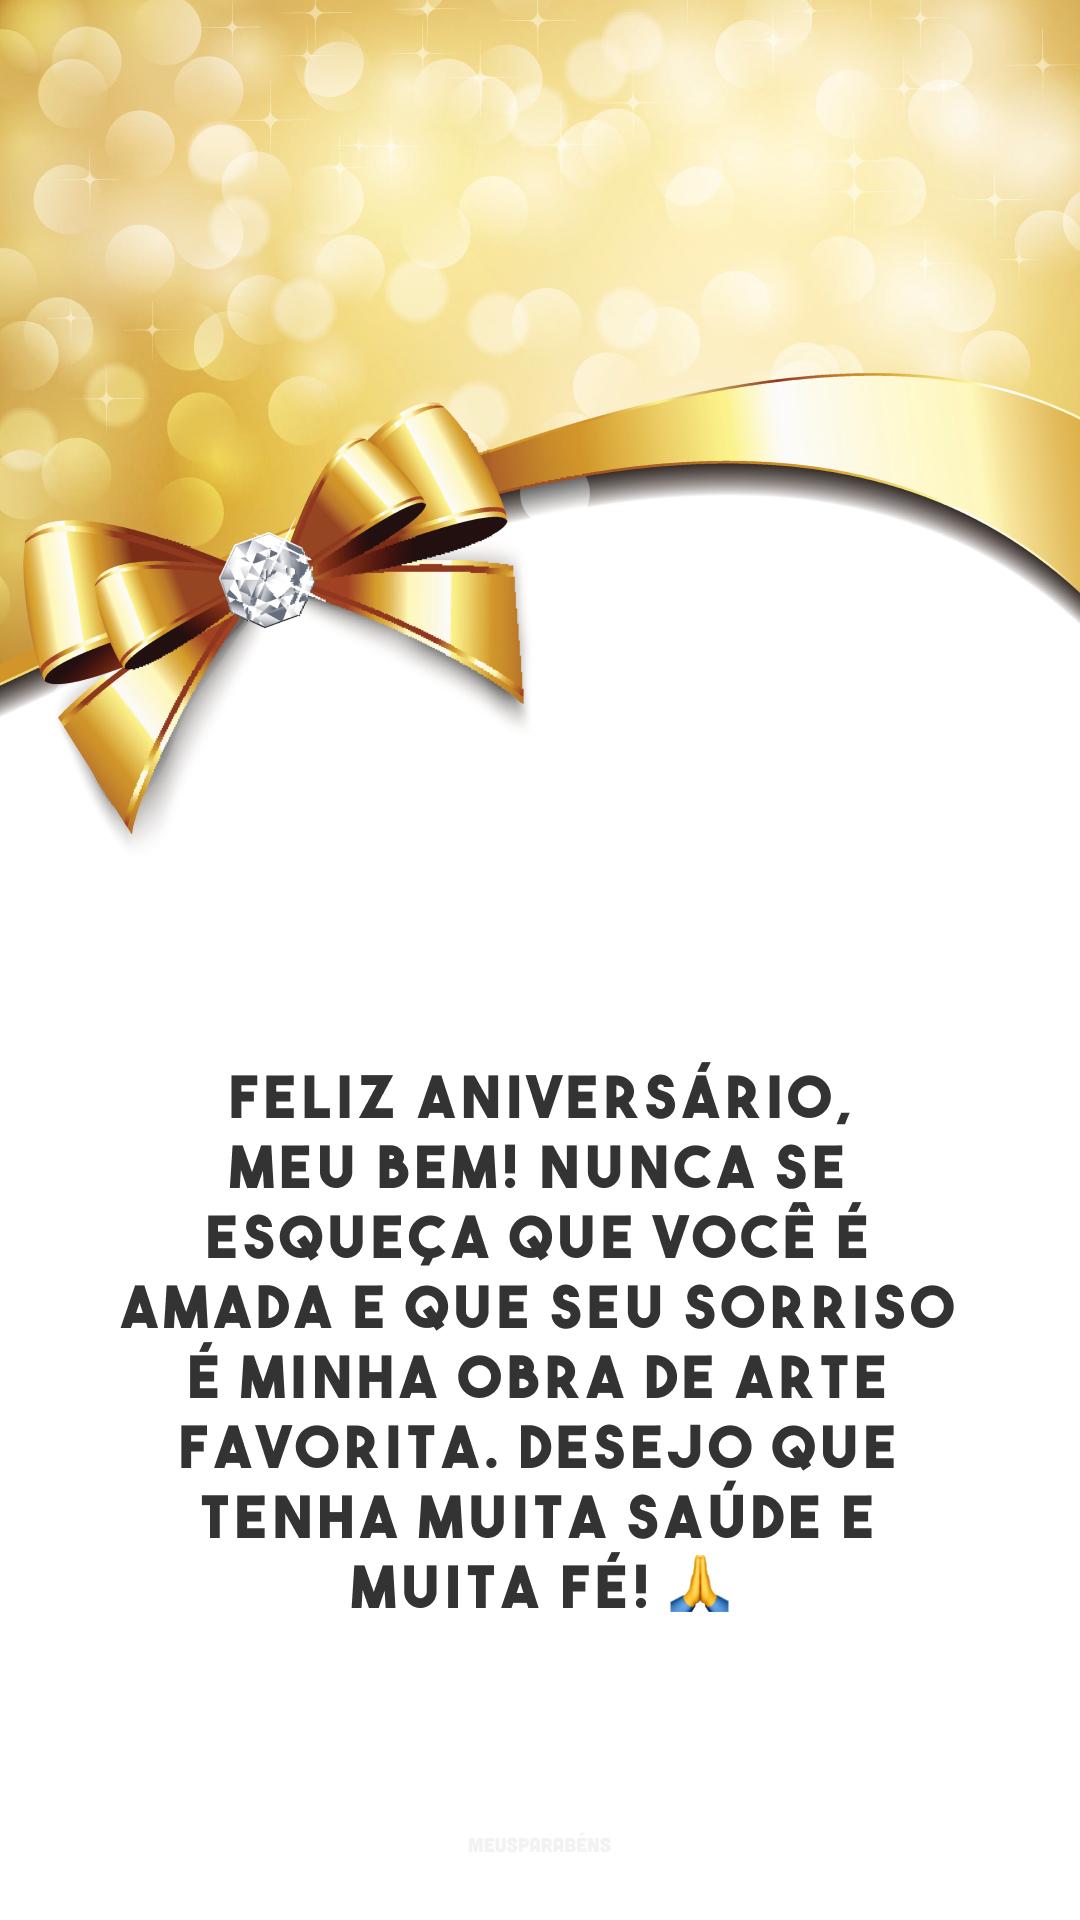 Feliz aniversário, meu bem! Nunca se esqueça que você é amada e que seu sorriso é minha obra de arte favorita. Desejo que tenha muita saúde e muita fé! 🙏